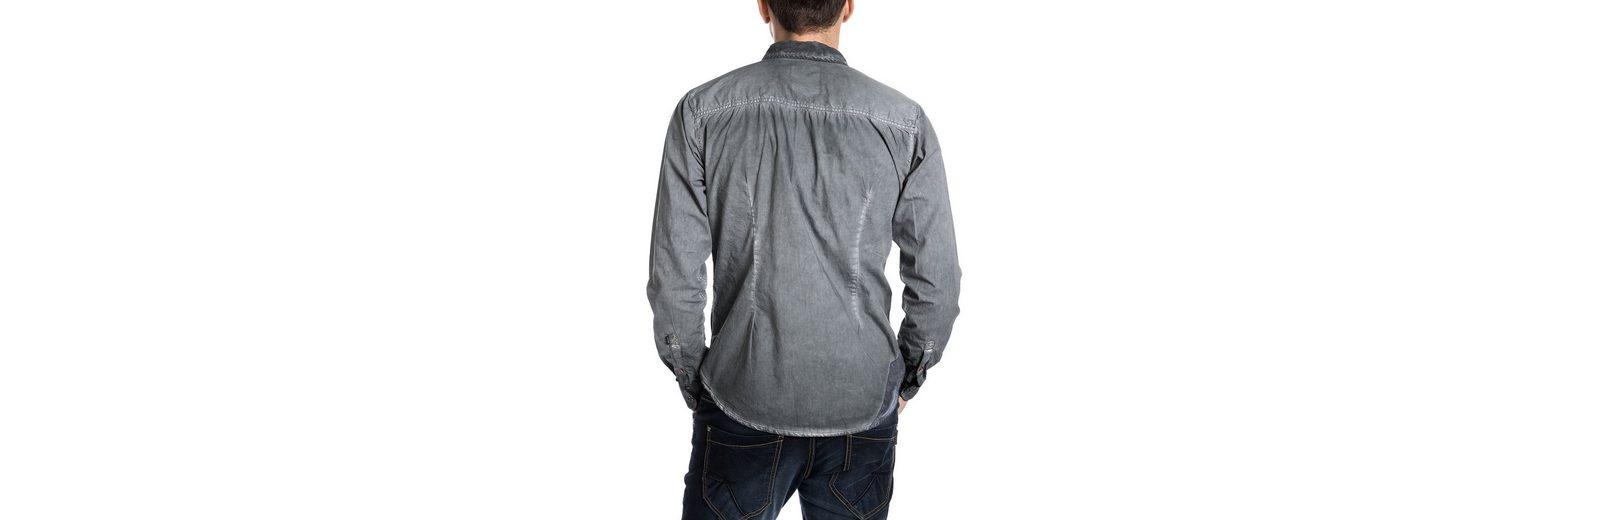 TIMEZONE Hemden (langarm) CommonKentTZ Billig Verkauf Freies Verschiffen Die Besten Preise Zu Verkaufen Billige Sast jEsQtx